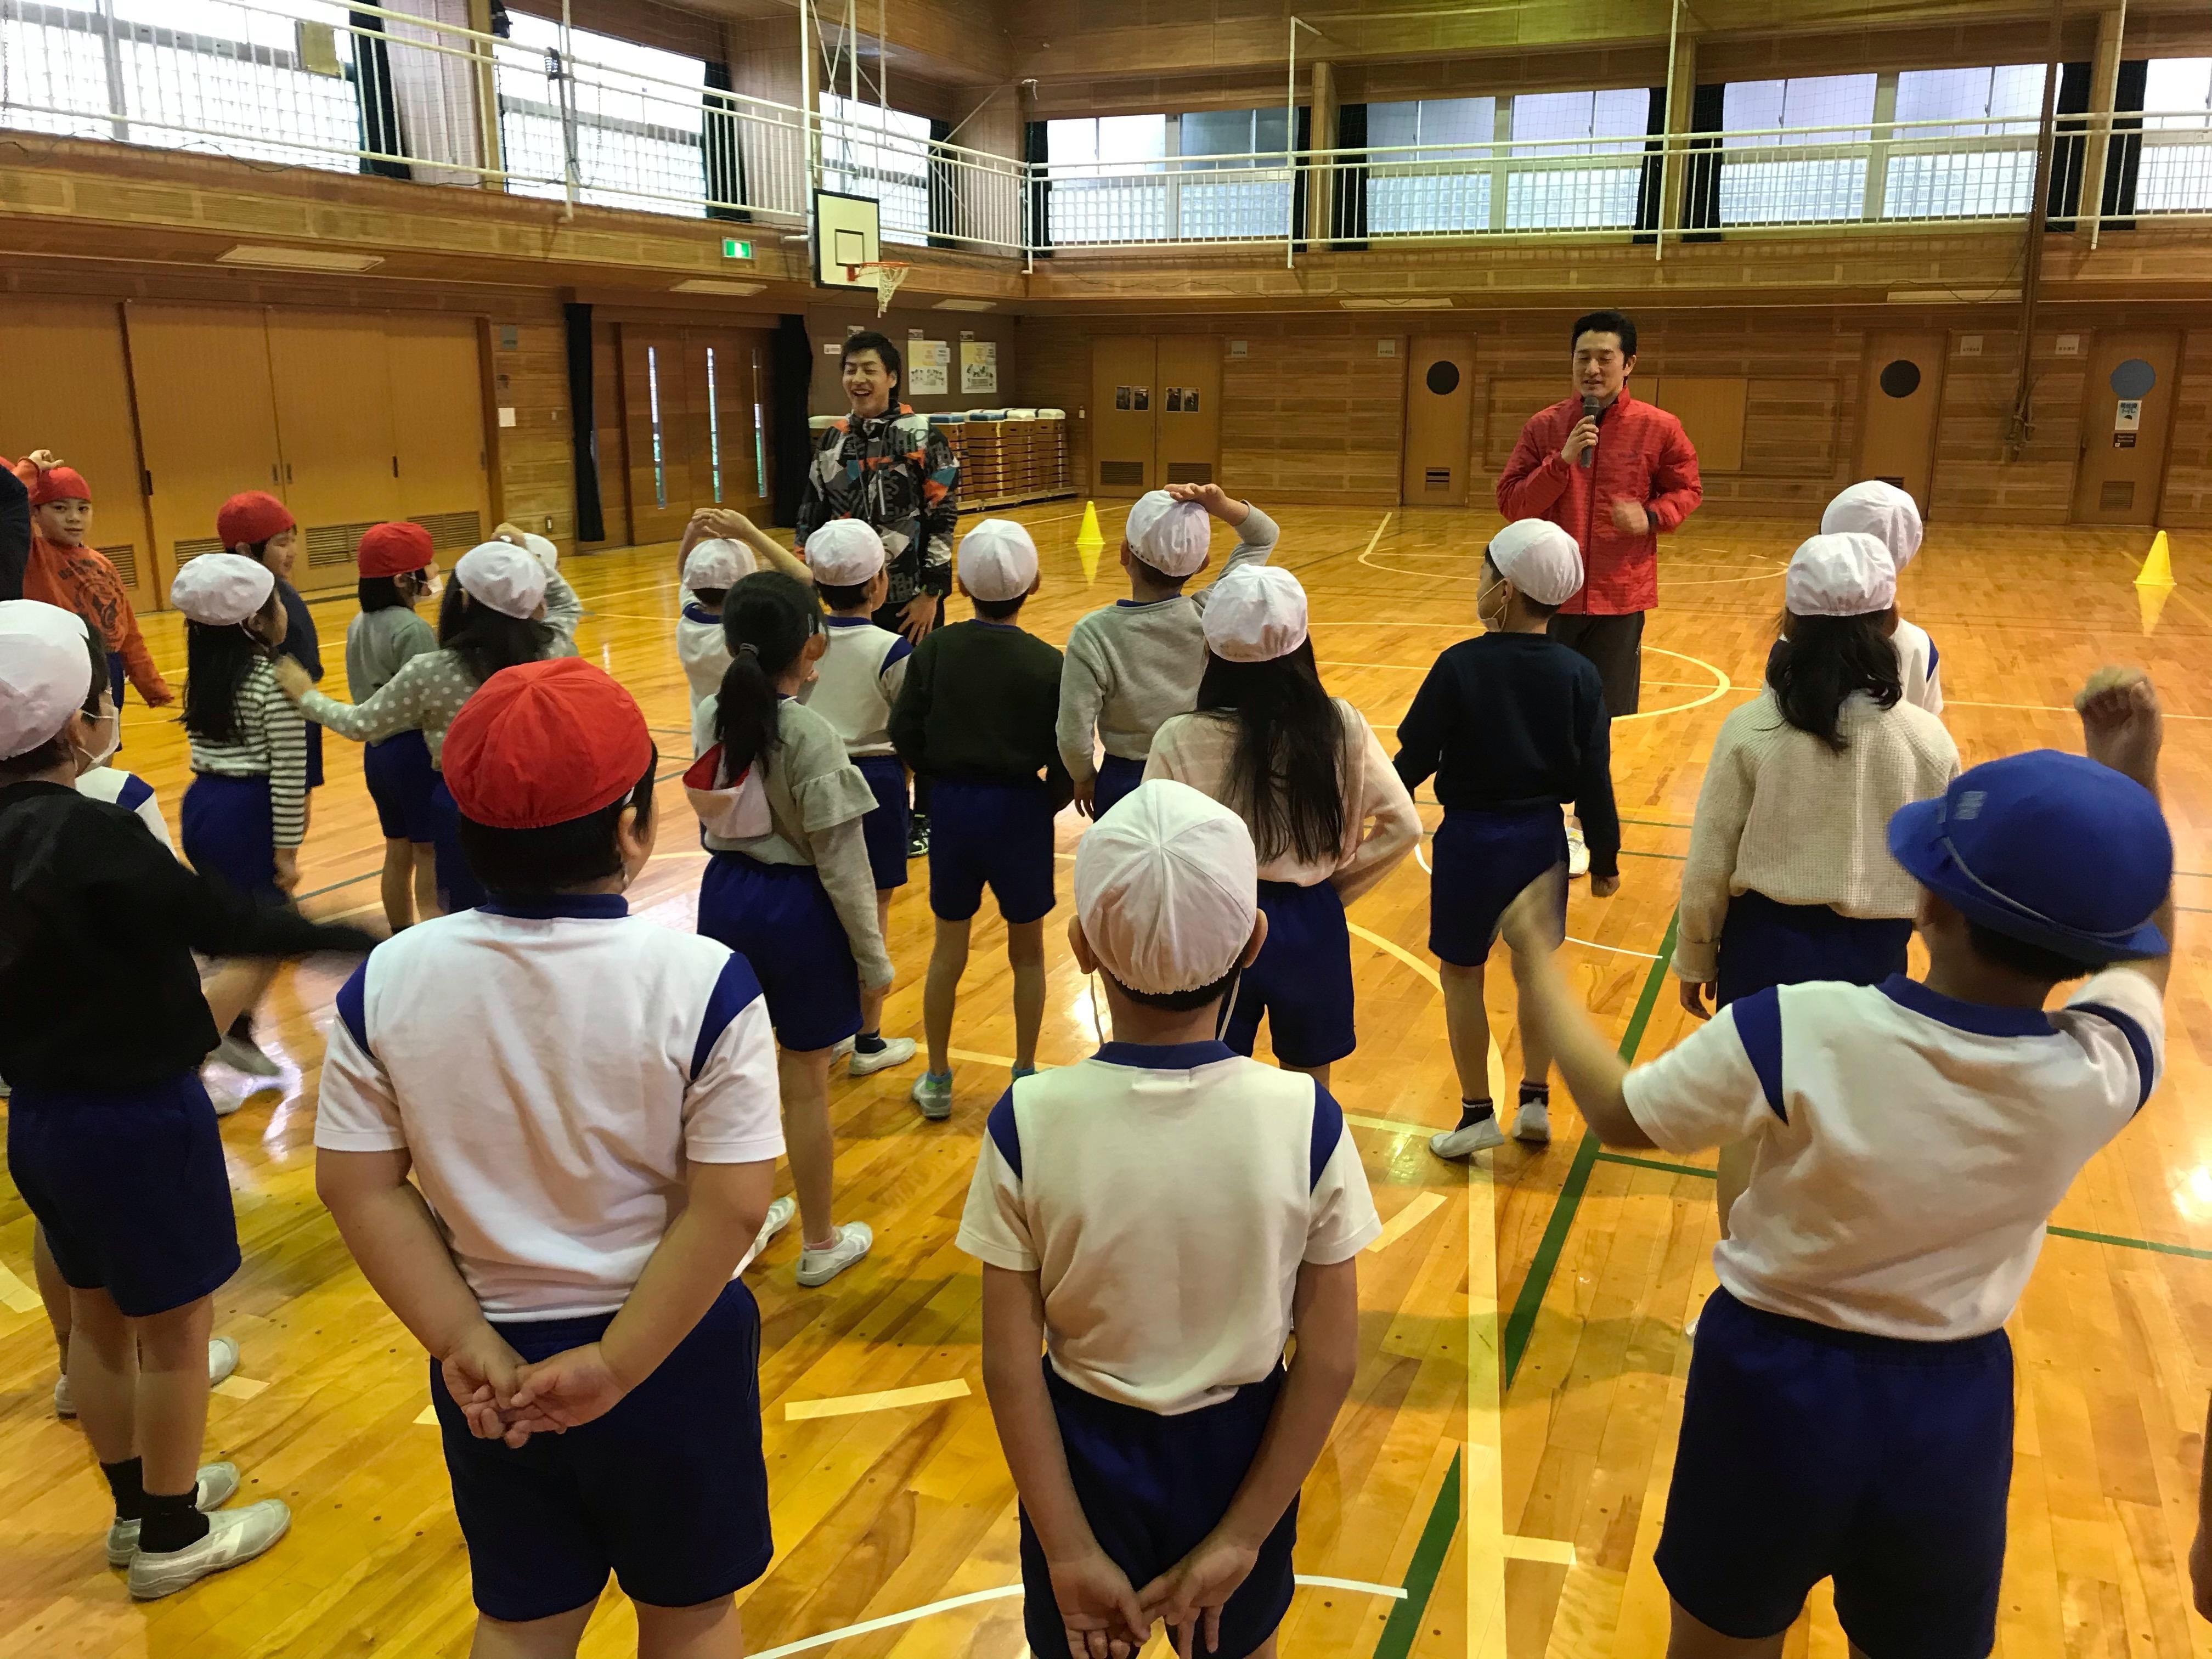 http://news.yoshimoto.co.jp/20190201125227-d82e98523c0d3e2d5628d2ea86bc80a8f7d42974.jpg